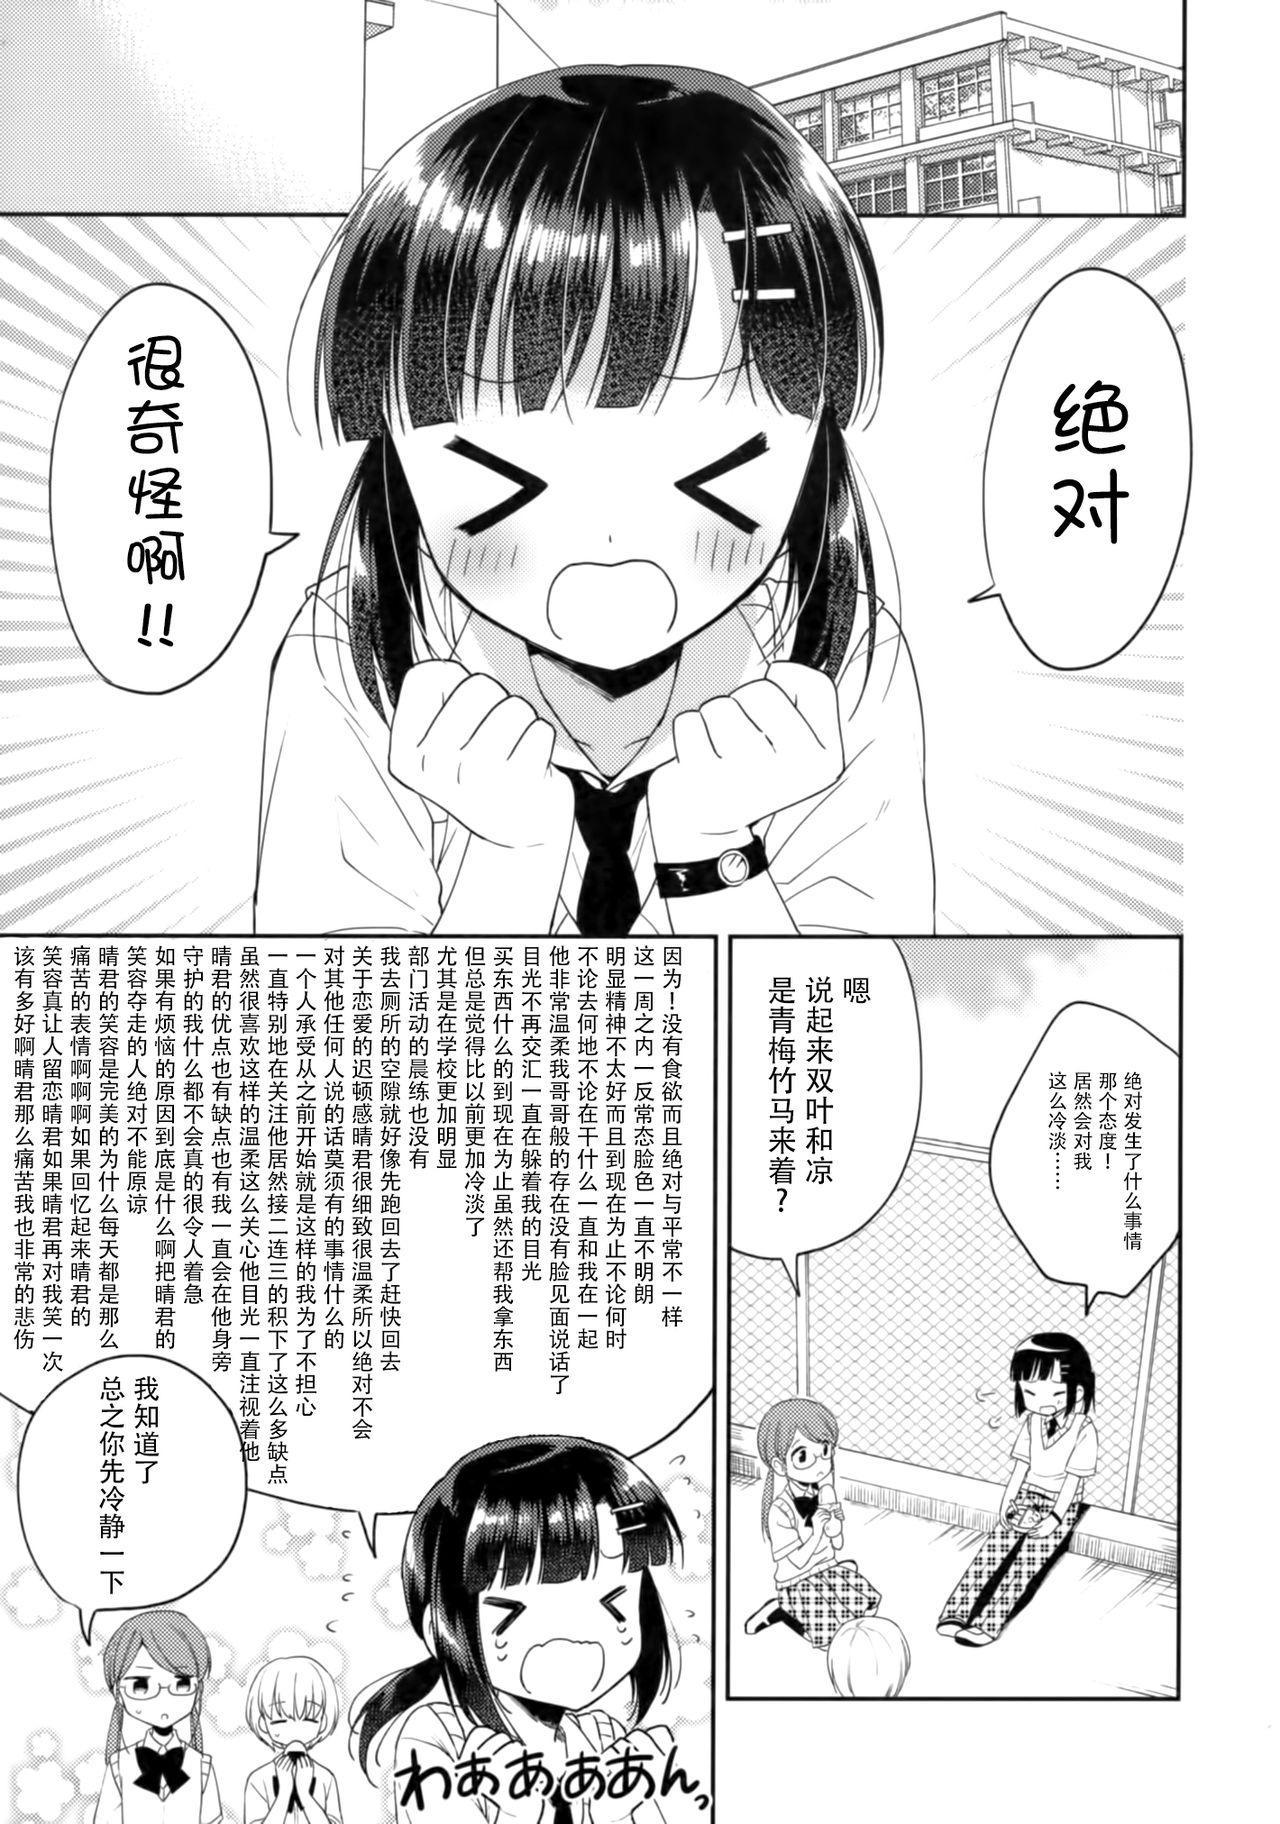 Dousei Hajimemashita 5 12